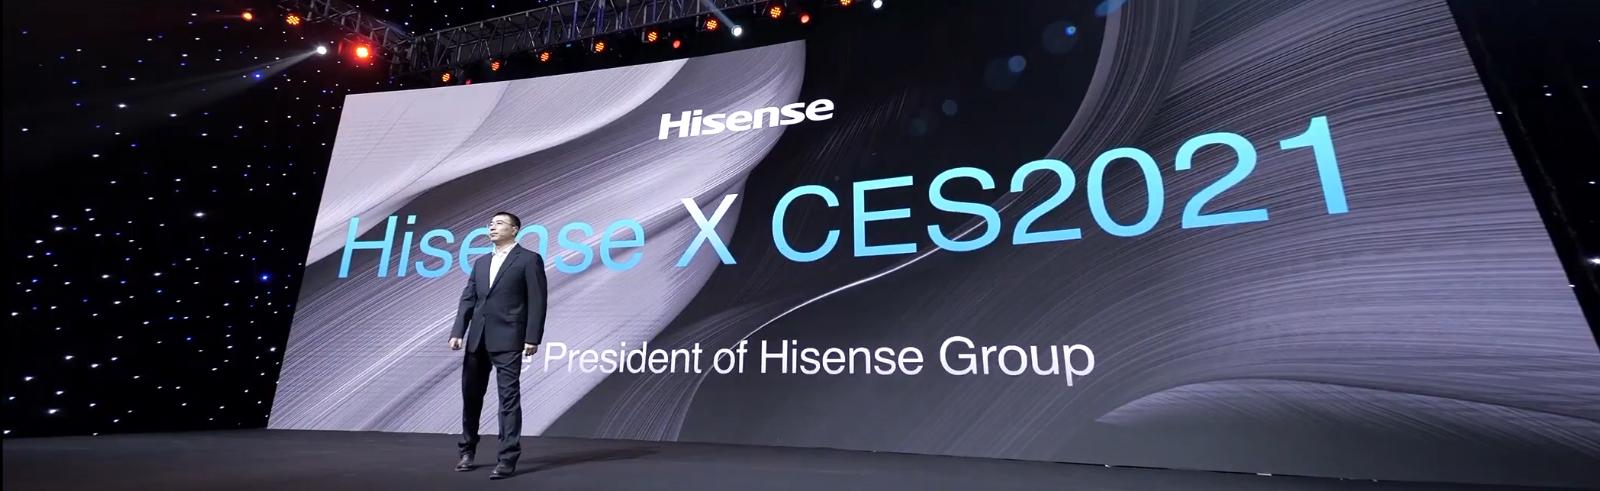 Hisense announces its Hisense Mini-LED ULED 8K TV (U80G), TriChroma Laser TV, 4K ULED TVs